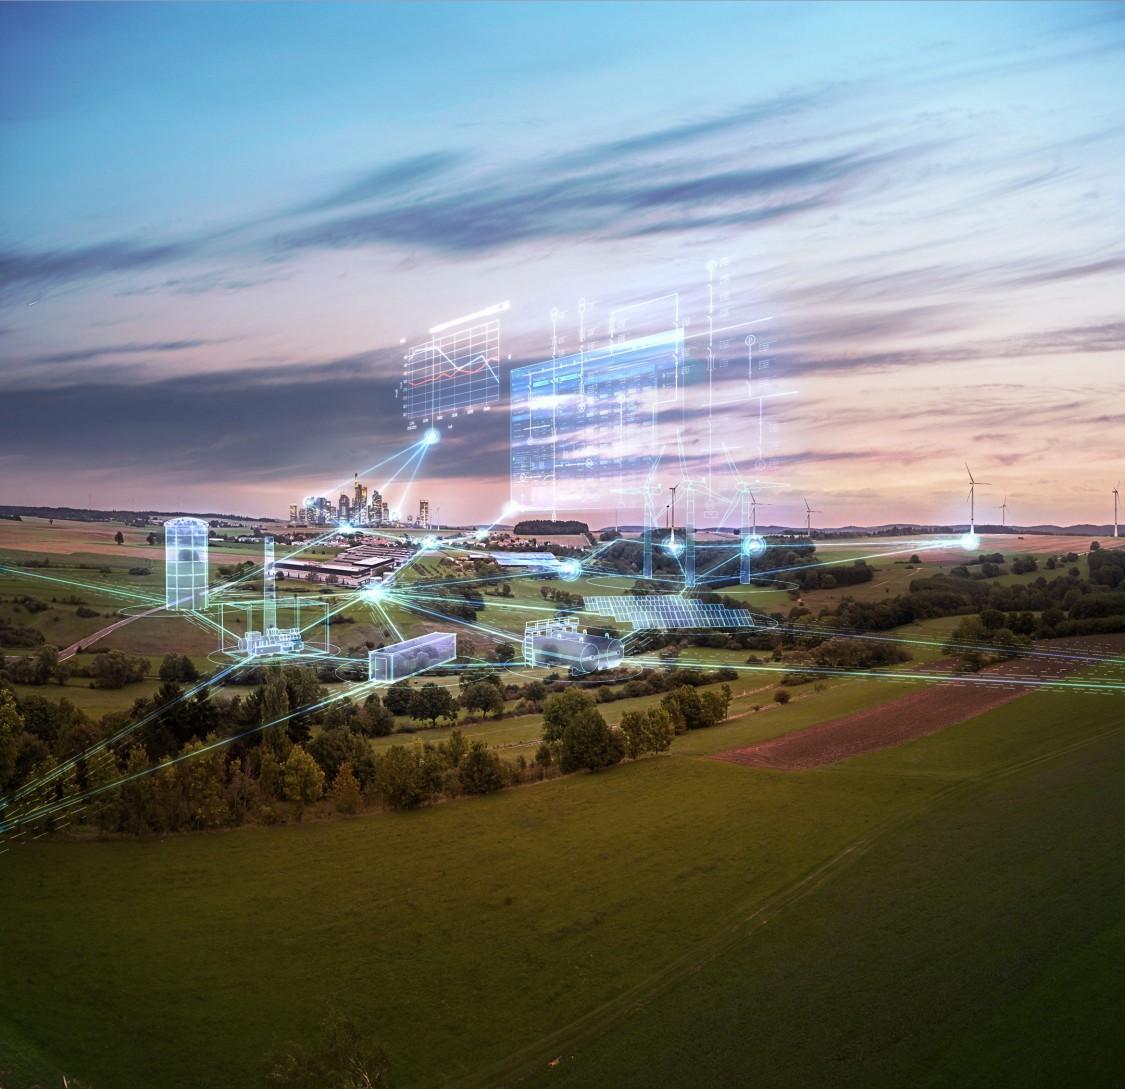 campo com filtros em azul representando a tecnologia das redes inteligentes dos serviços siemens